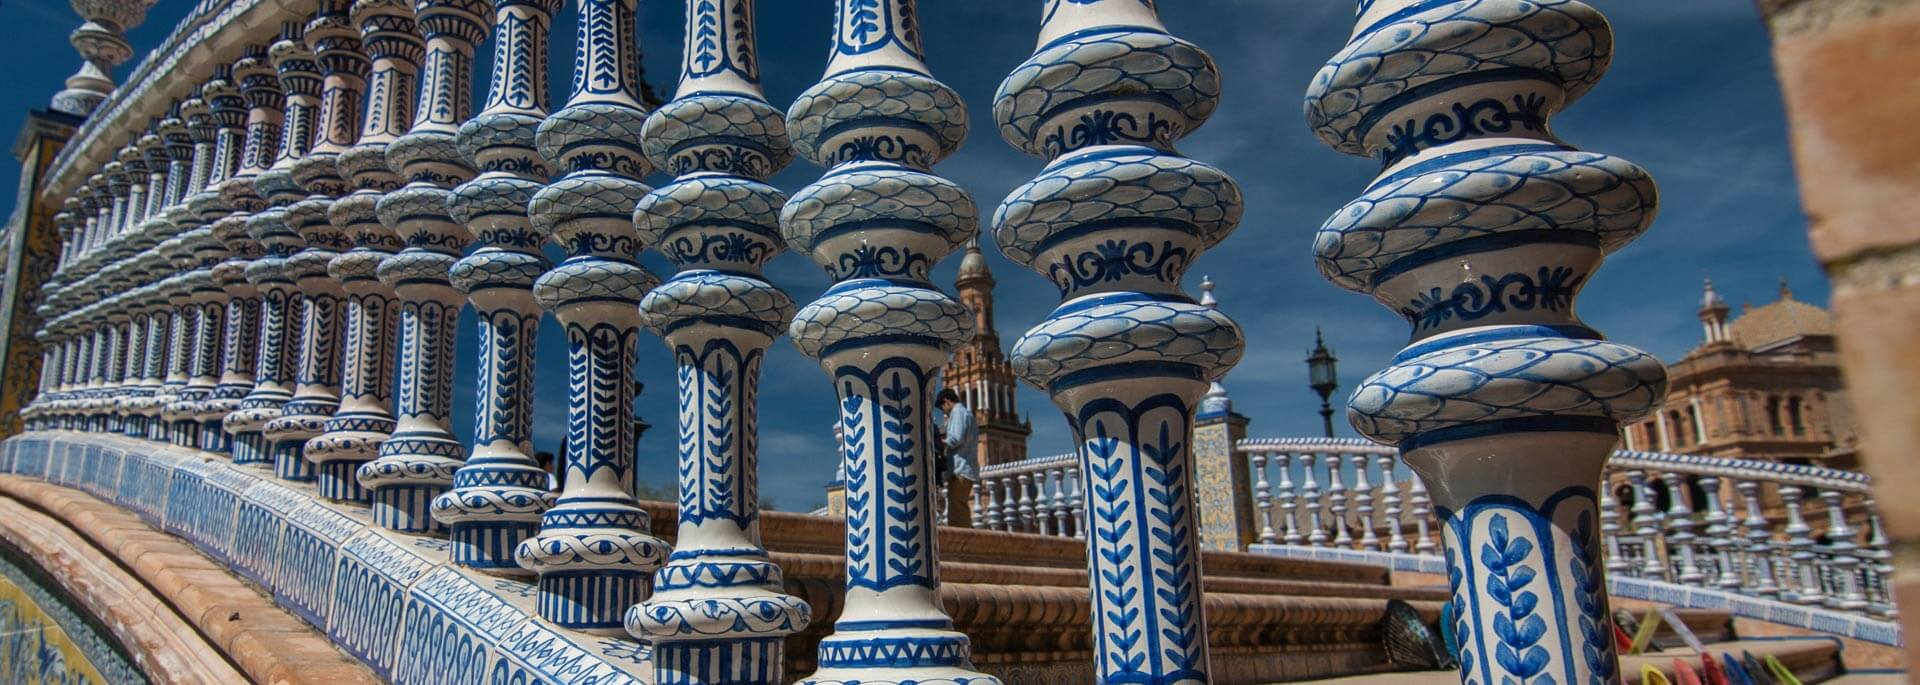 Fotos: Sevilla im Frühling